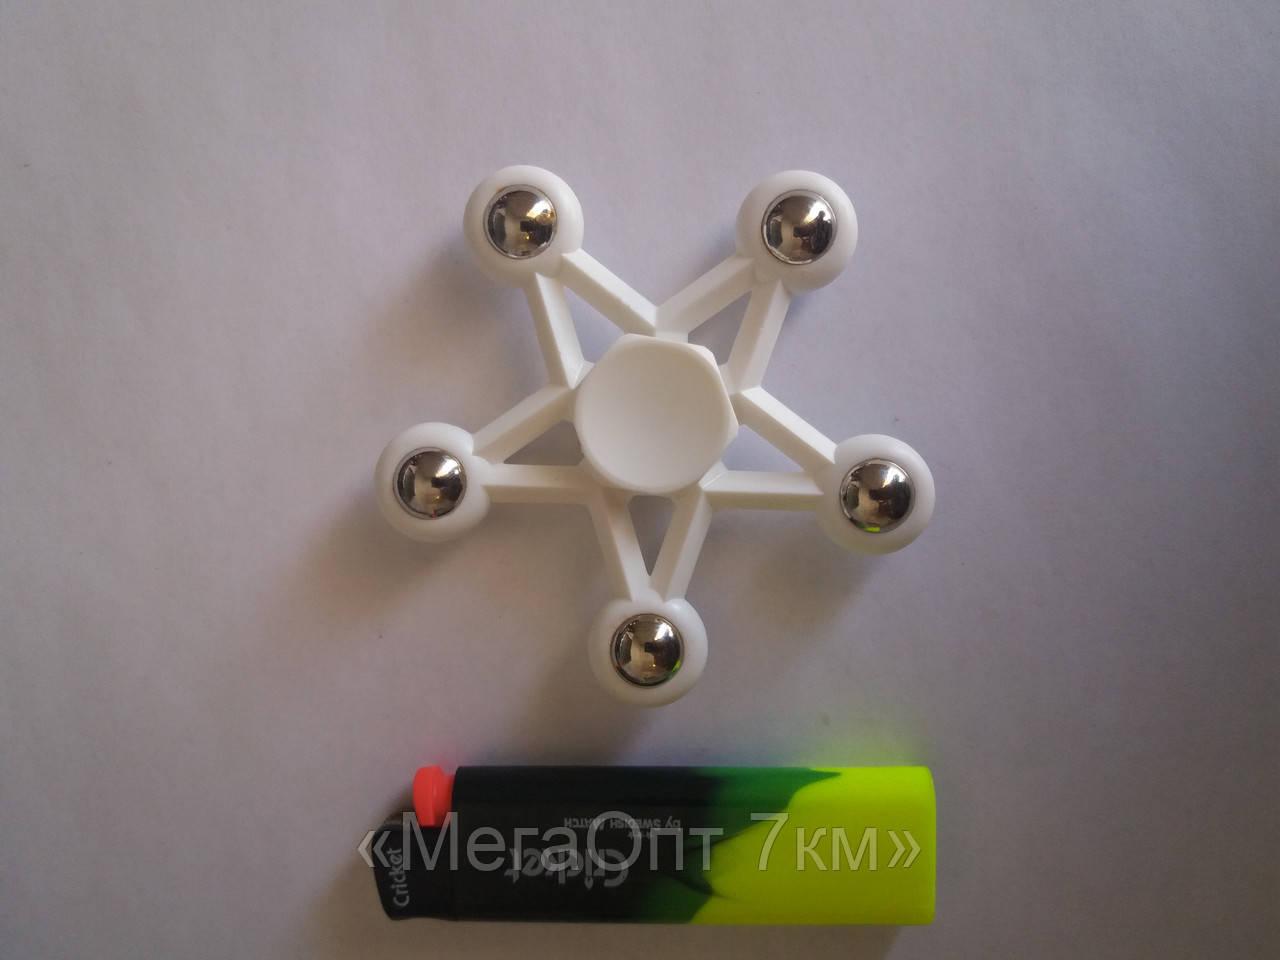 Спиннер пластик+металл Fidget spinner купить в Украине оптом и в розницу Одесса 7 км - «МегаОпт 7км» в Одессе